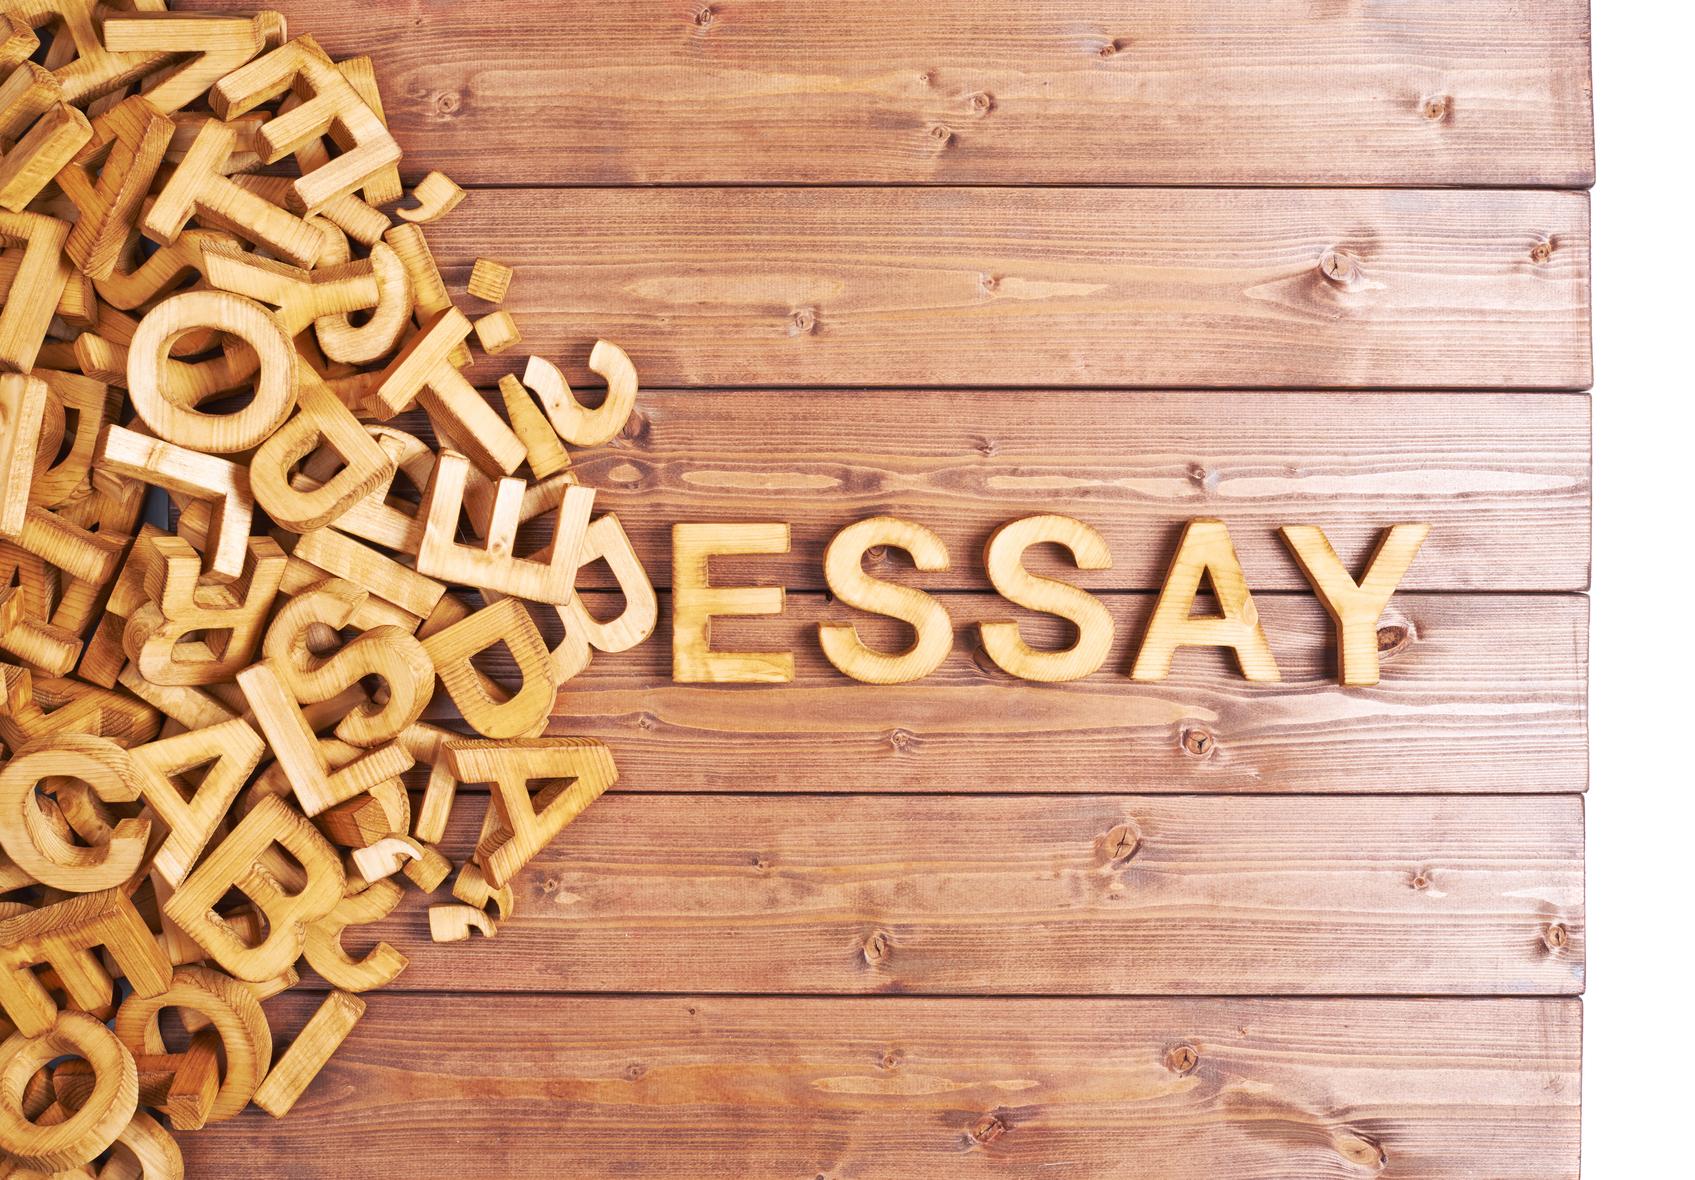 हिंदी निबंध संग्रह hindi essay nibandh in hindi essay in hindi हिंदी निबंध संग्रह hindi nibandh nibandh in hindi